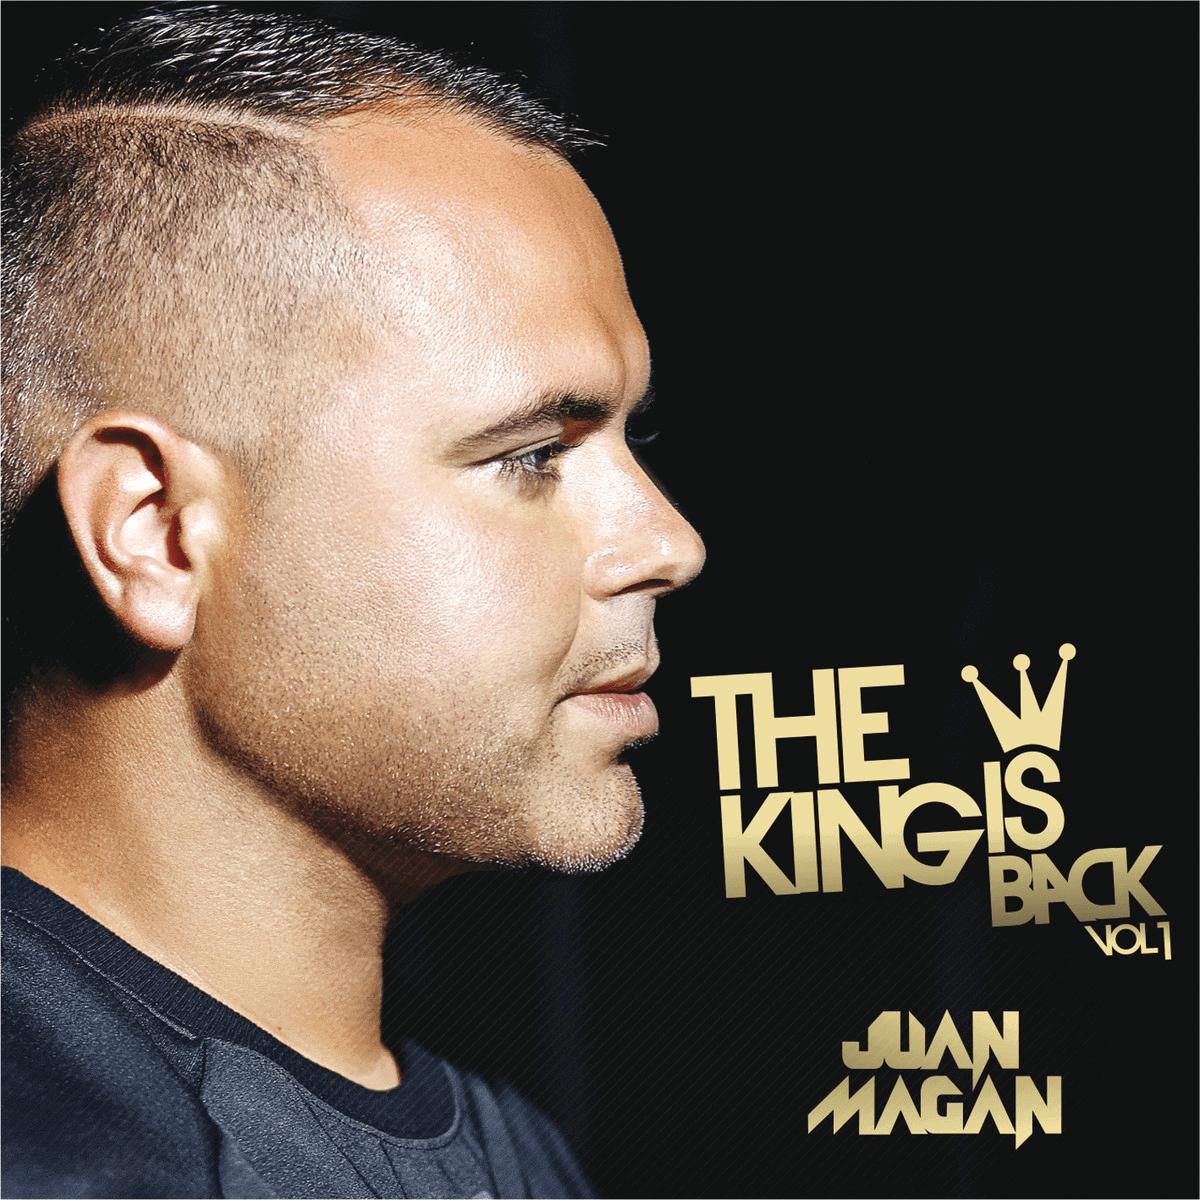 JUAN MAGÁN – The king is back Vol. 1 EP, 2014 [Día de los inocentes]